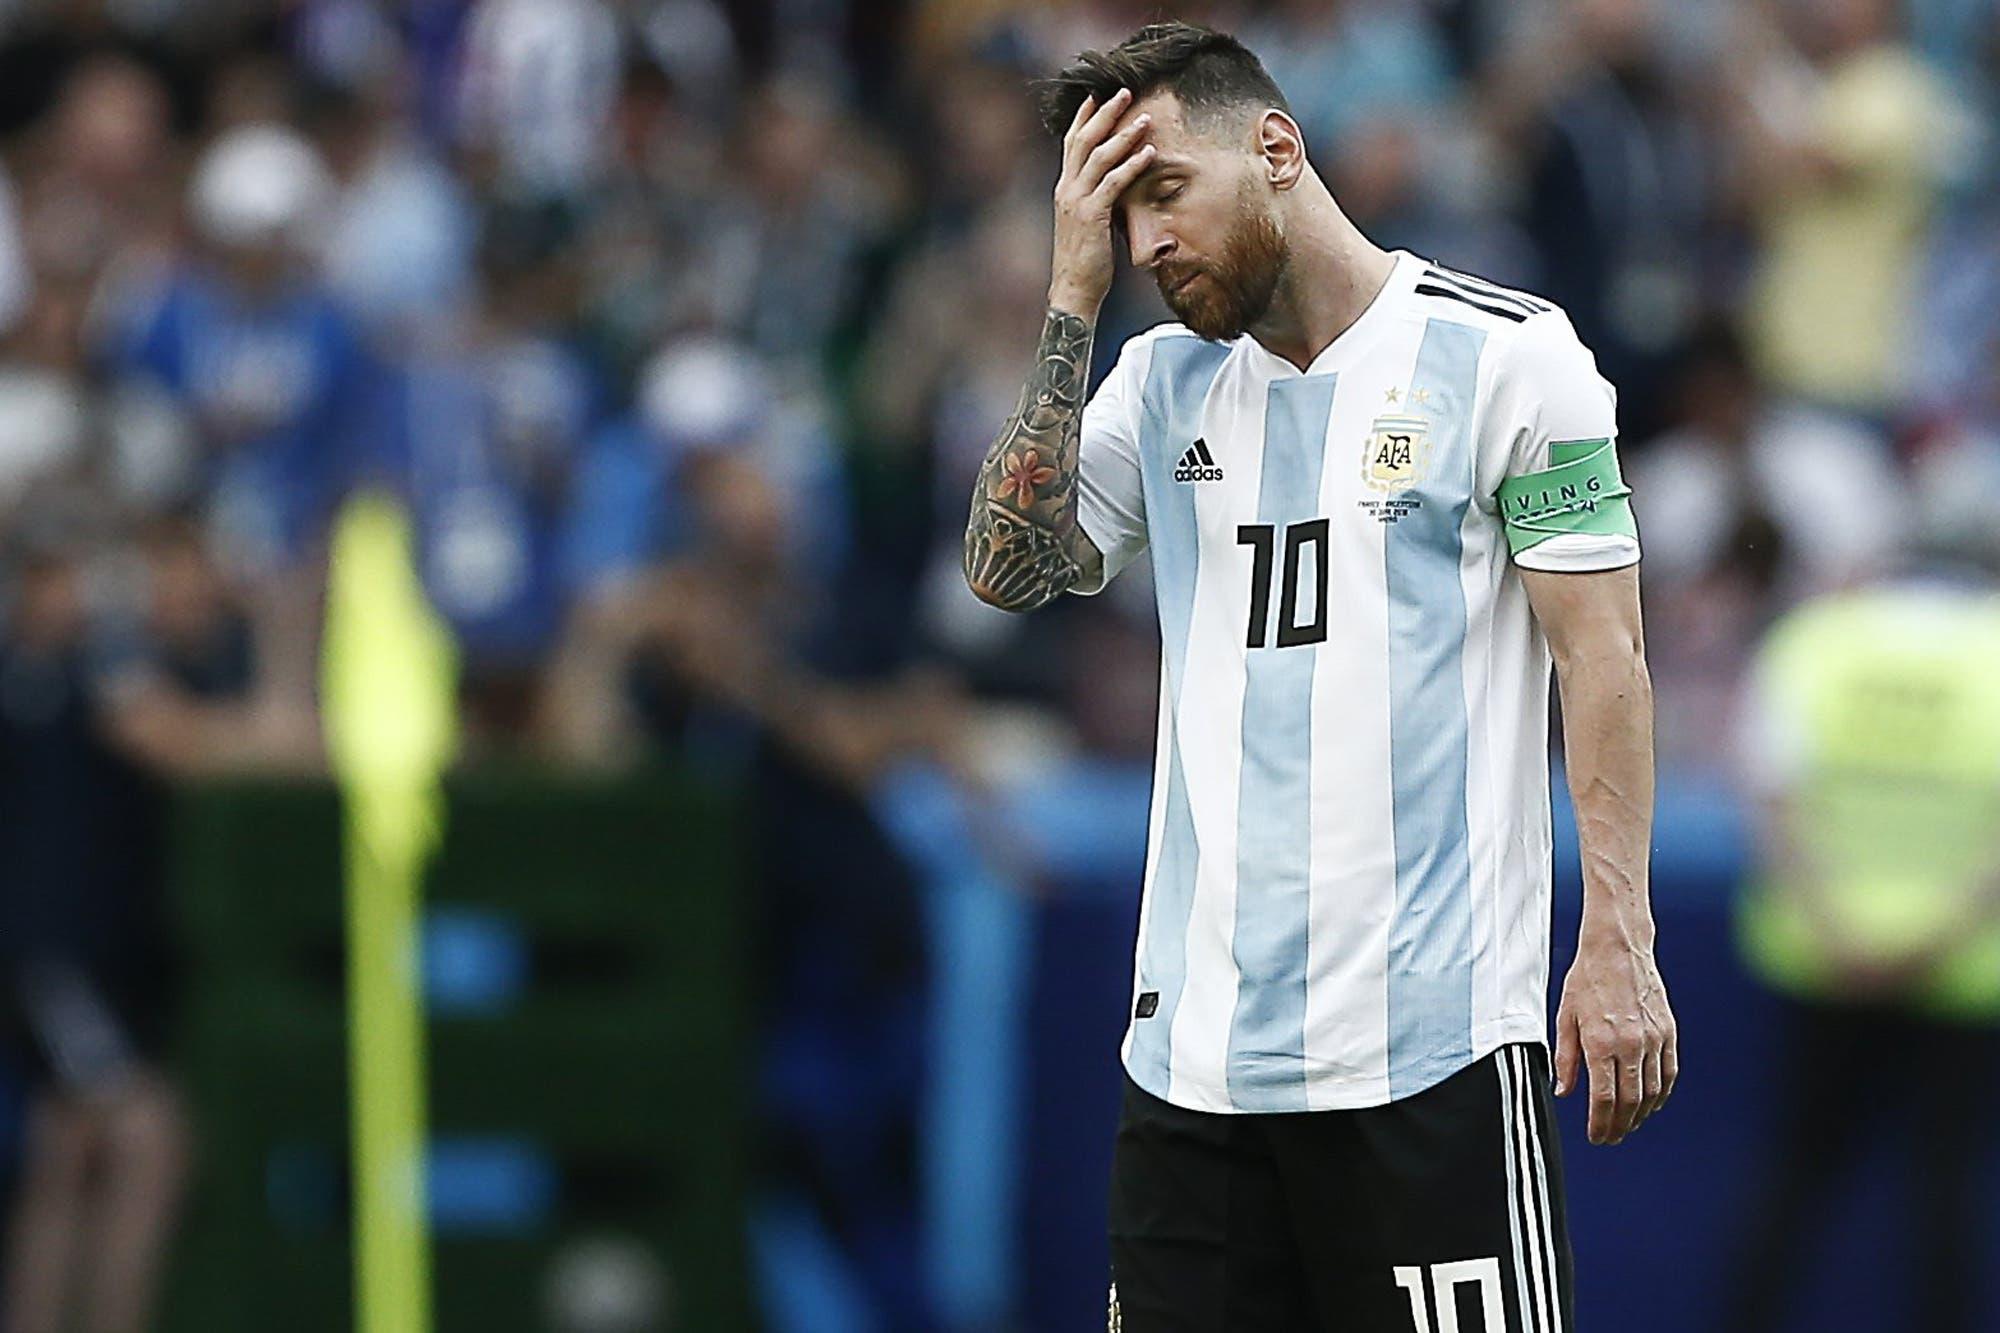 La FIFA publicó el primer ranking tras el Mundial Rusia 2018: la Argentina se desplomó y salió del Top 10